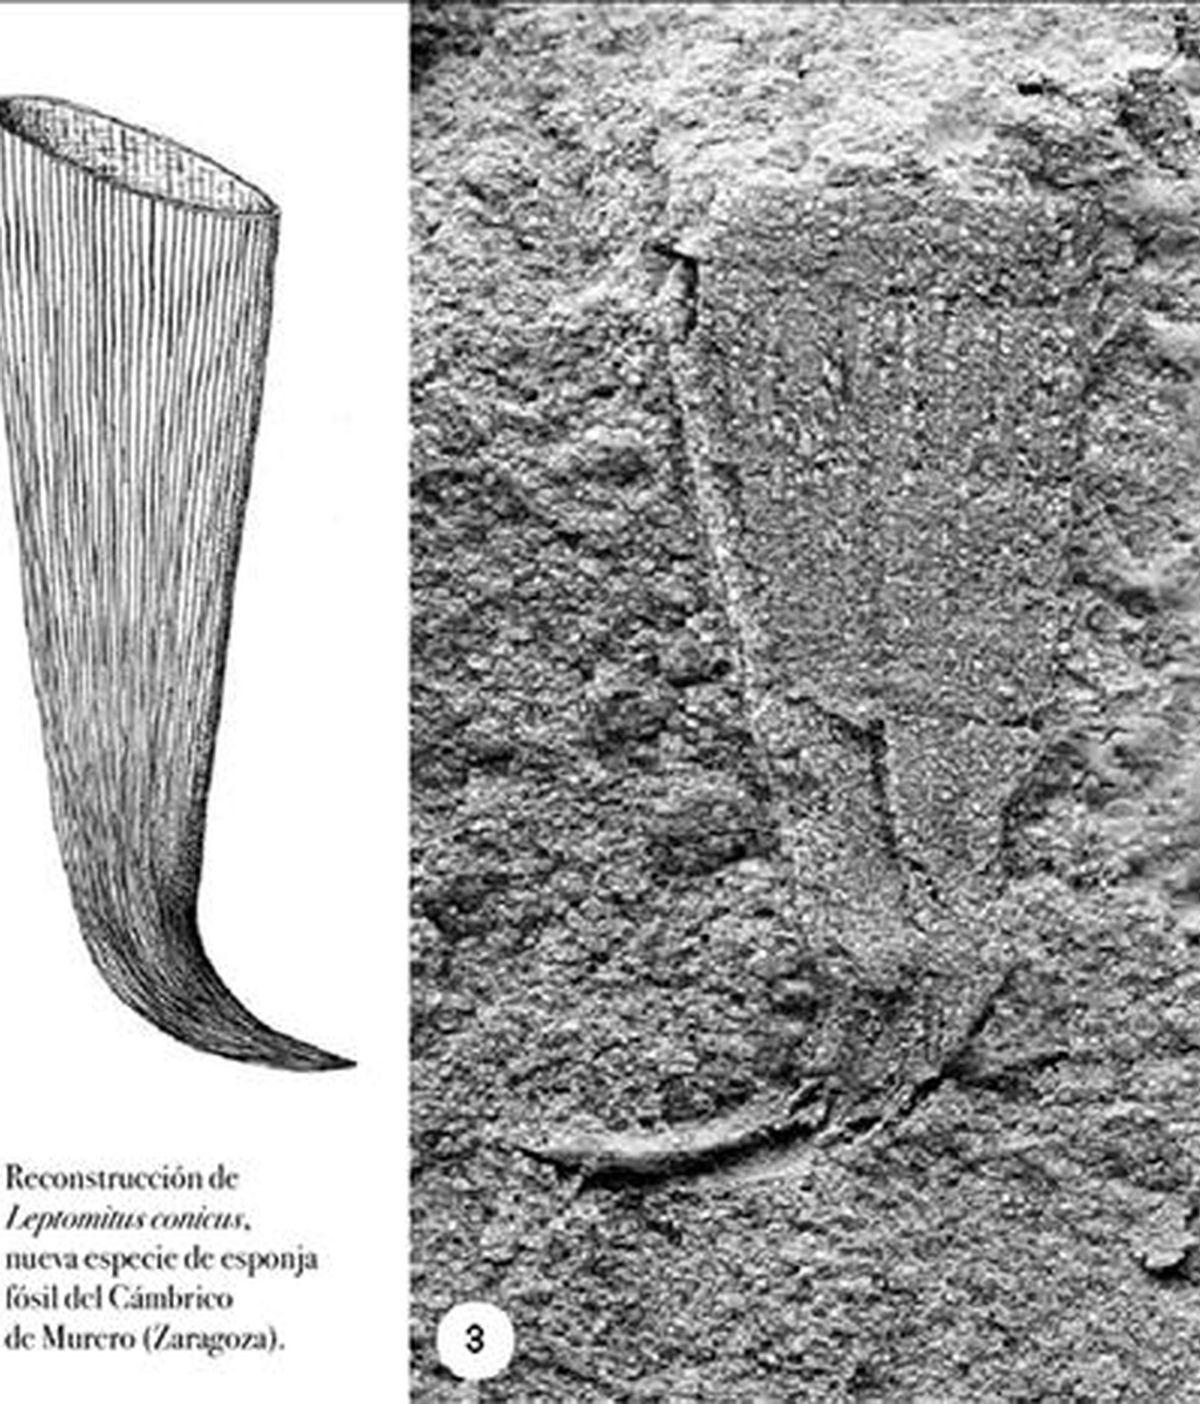 En la imagen, una nueva especie de esponja fósil descuerta en el yacimiento cámbrico de la pequeña localidad zaragozana de Murero en el año 2007. EFE/Archivo